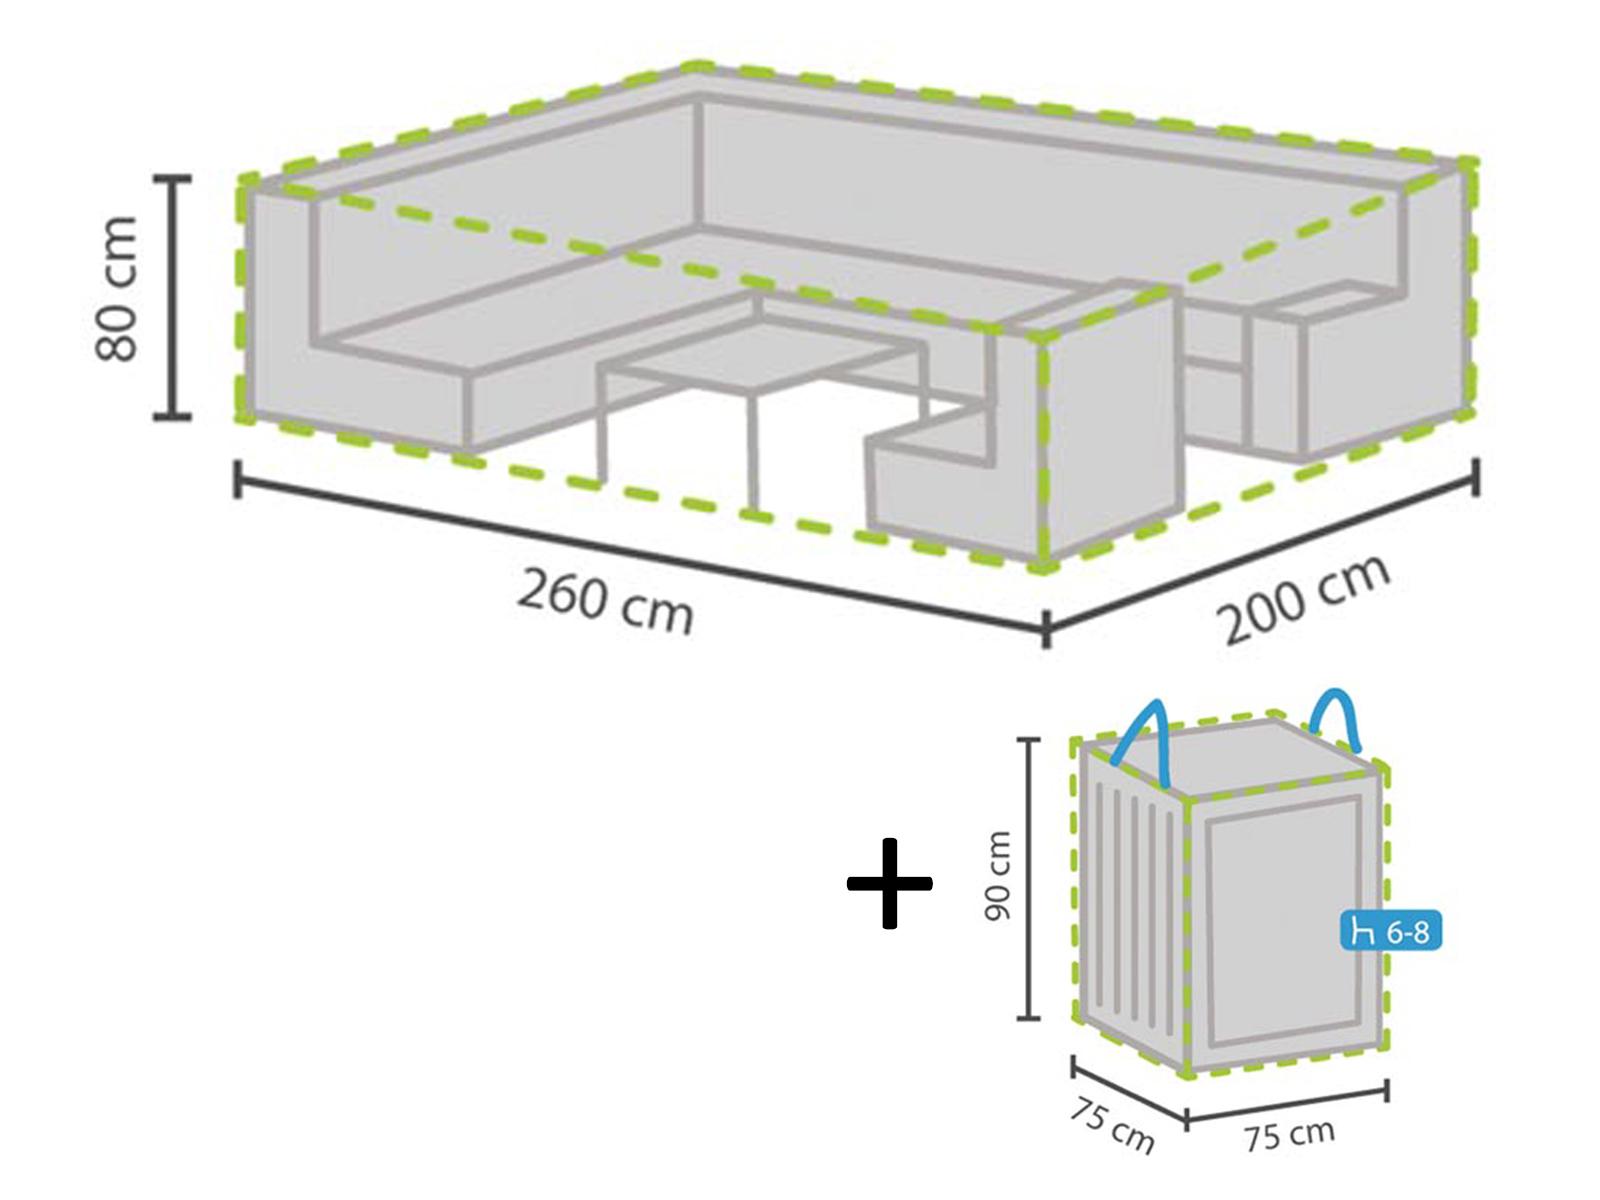 Abdeckhaubenset  Schutzhülle 260x200cm für Garten Lounge + Hülle für für für 6-8 Polster 09f87d